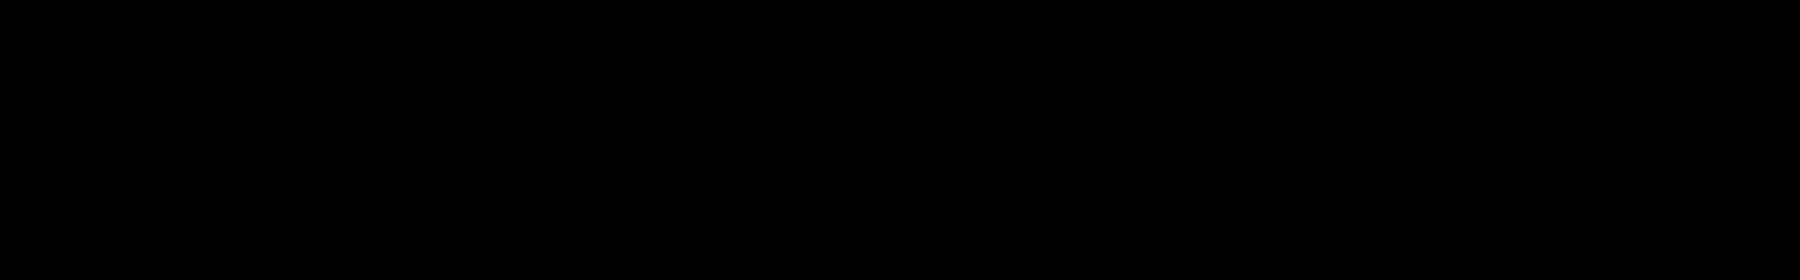 Kunundrum audio waveform